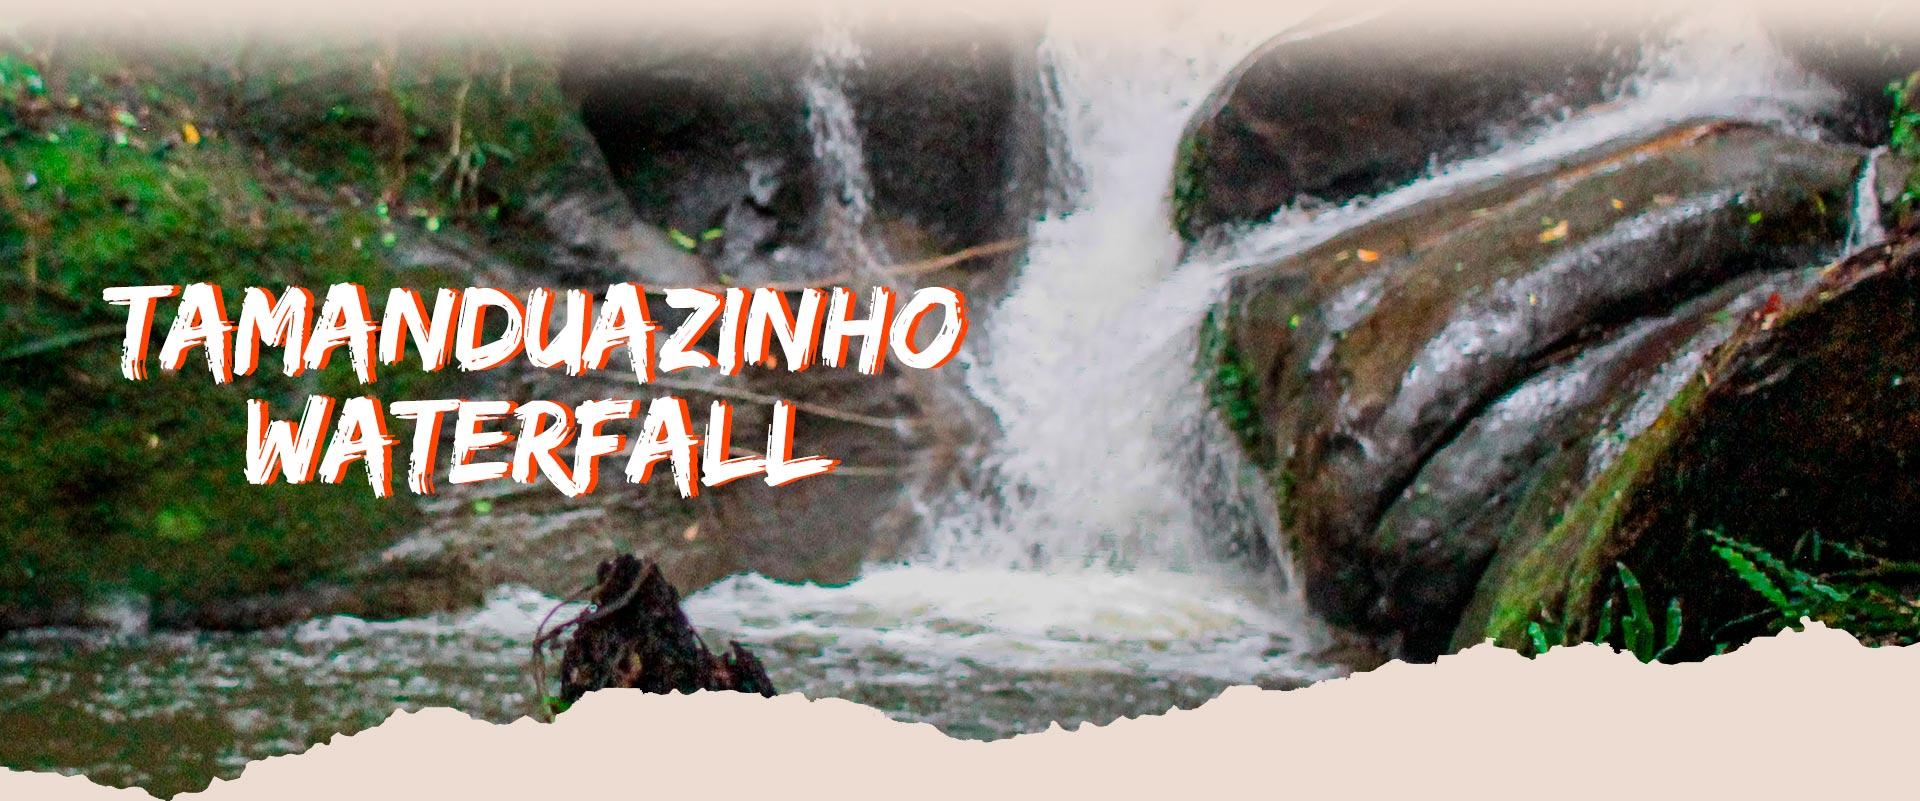 banner-tamanduazinho